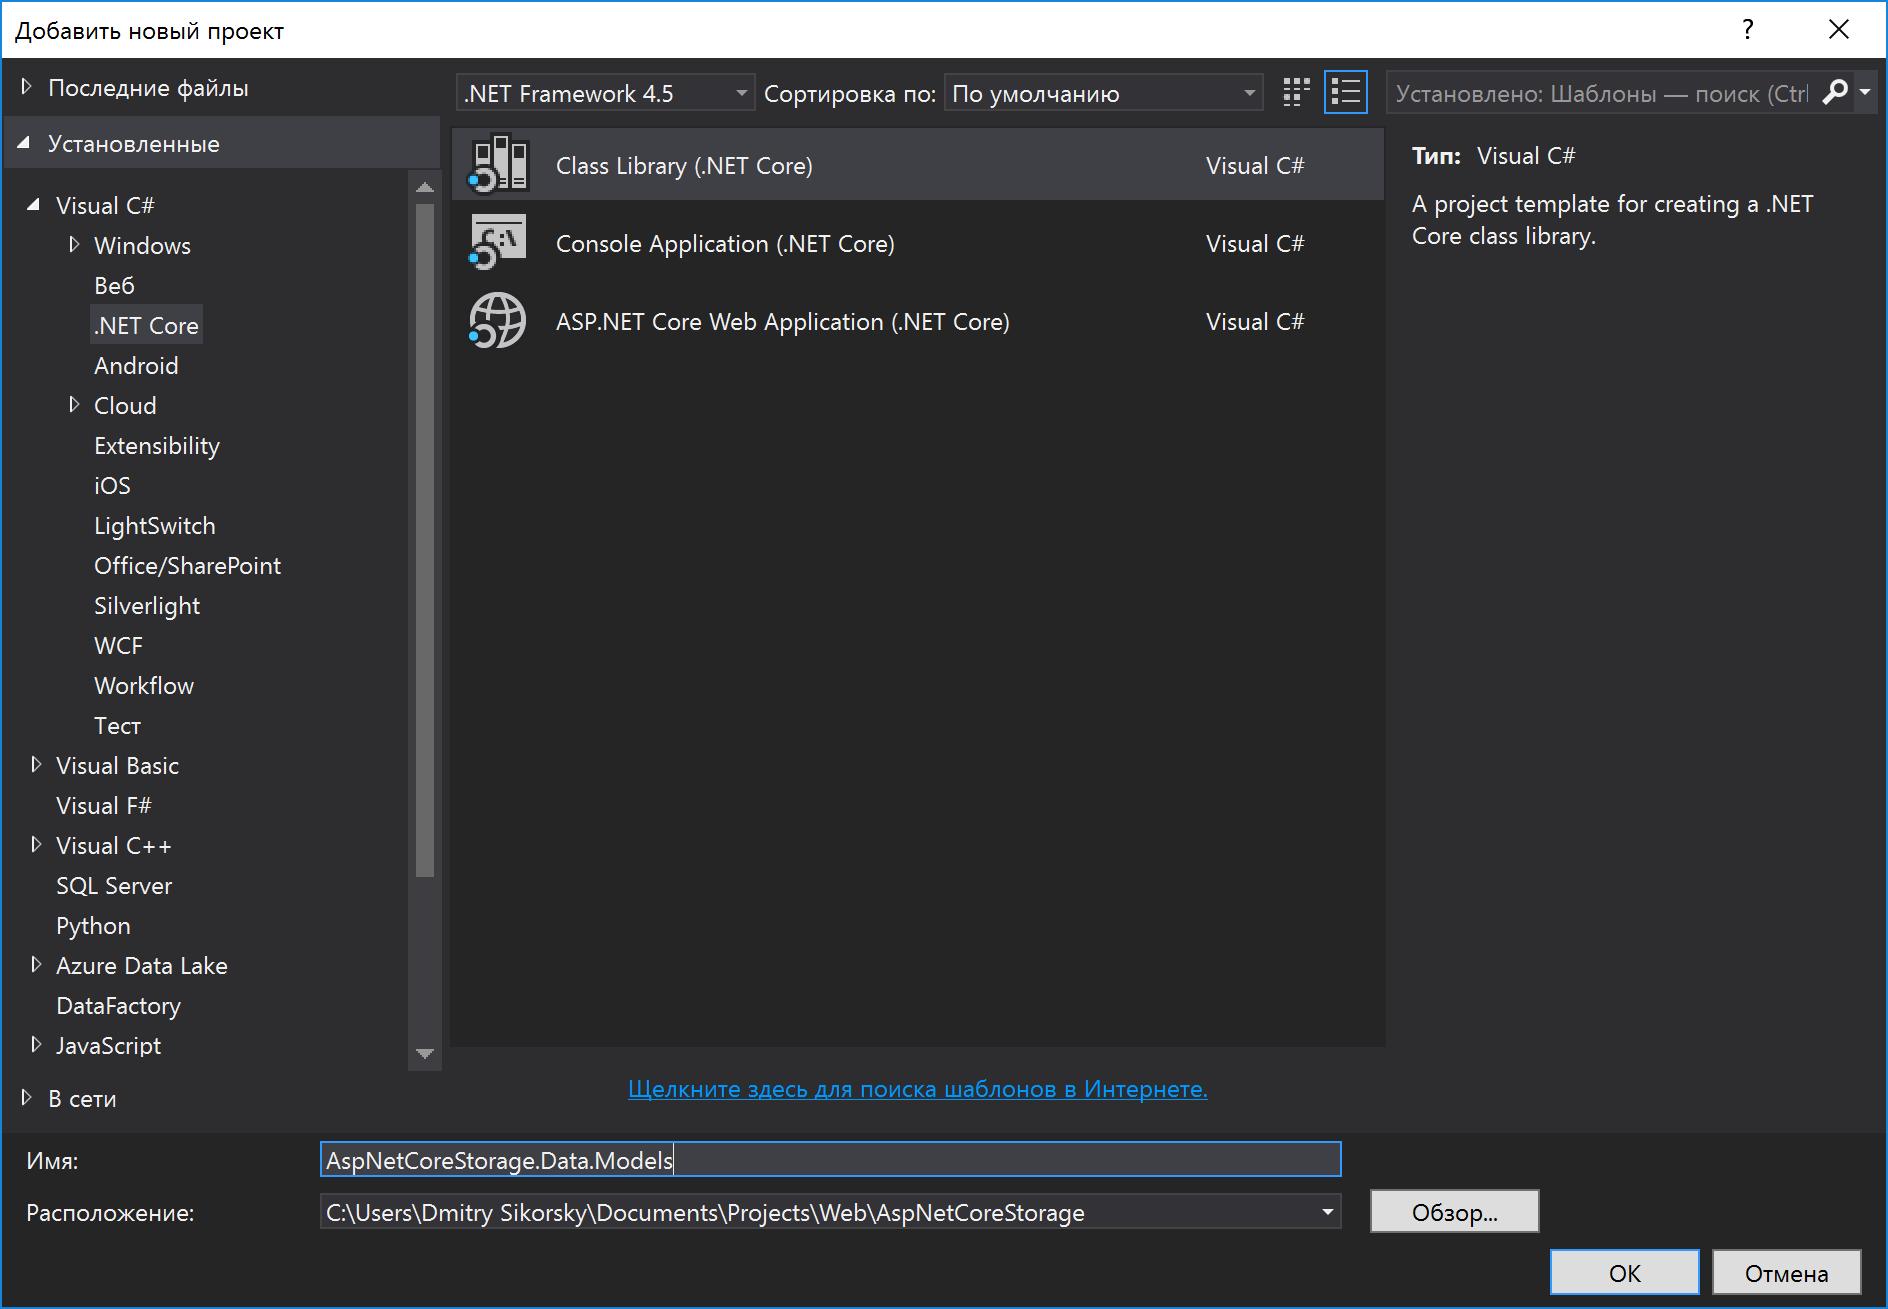 ASP.NET Core: Пример реализации шаблонов проектирования Единица работы и Репозиторий - 4